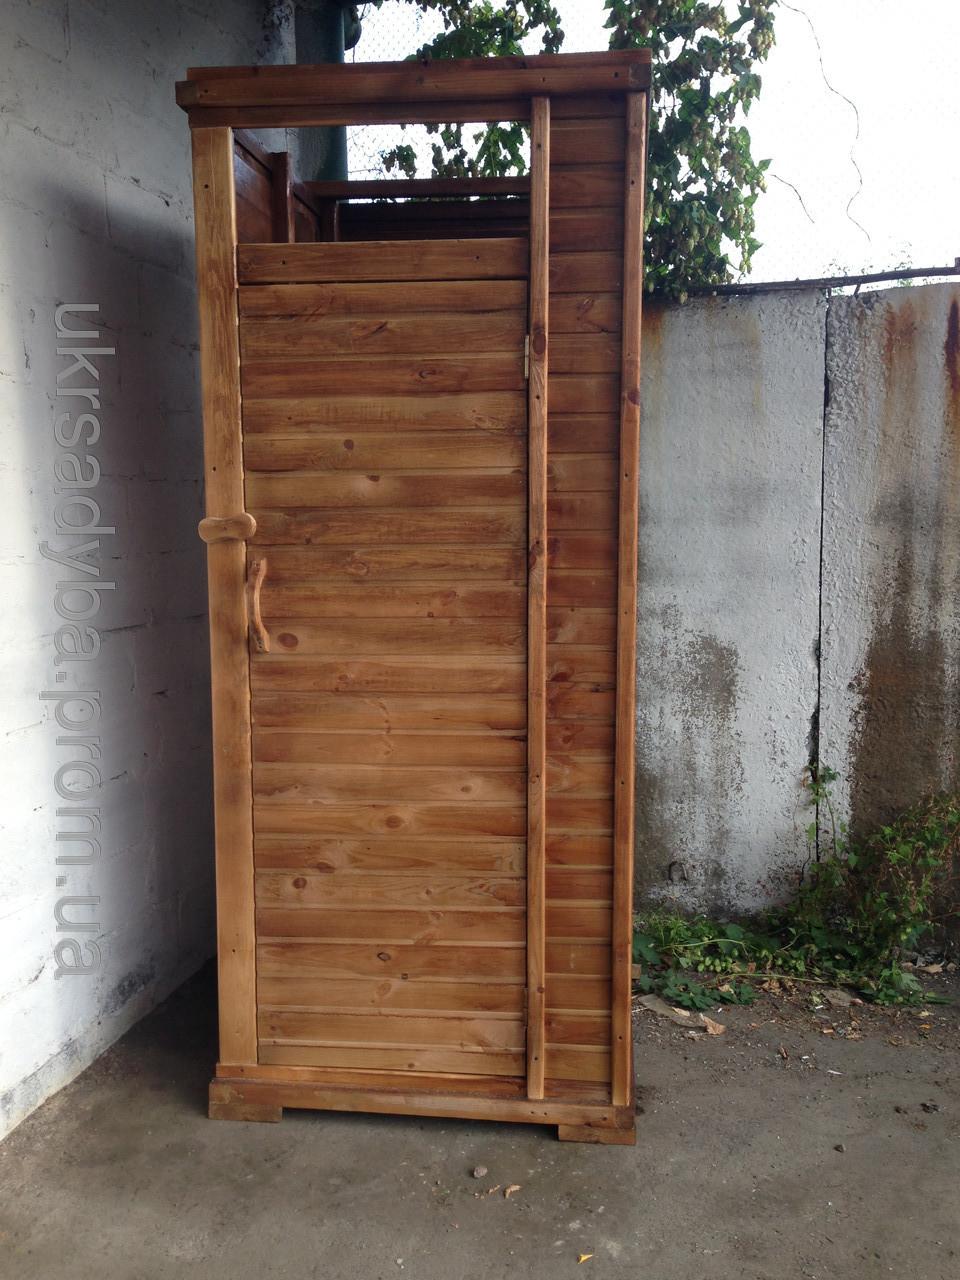 Душевая кабина без крыши - Украинская садыба в Киеве